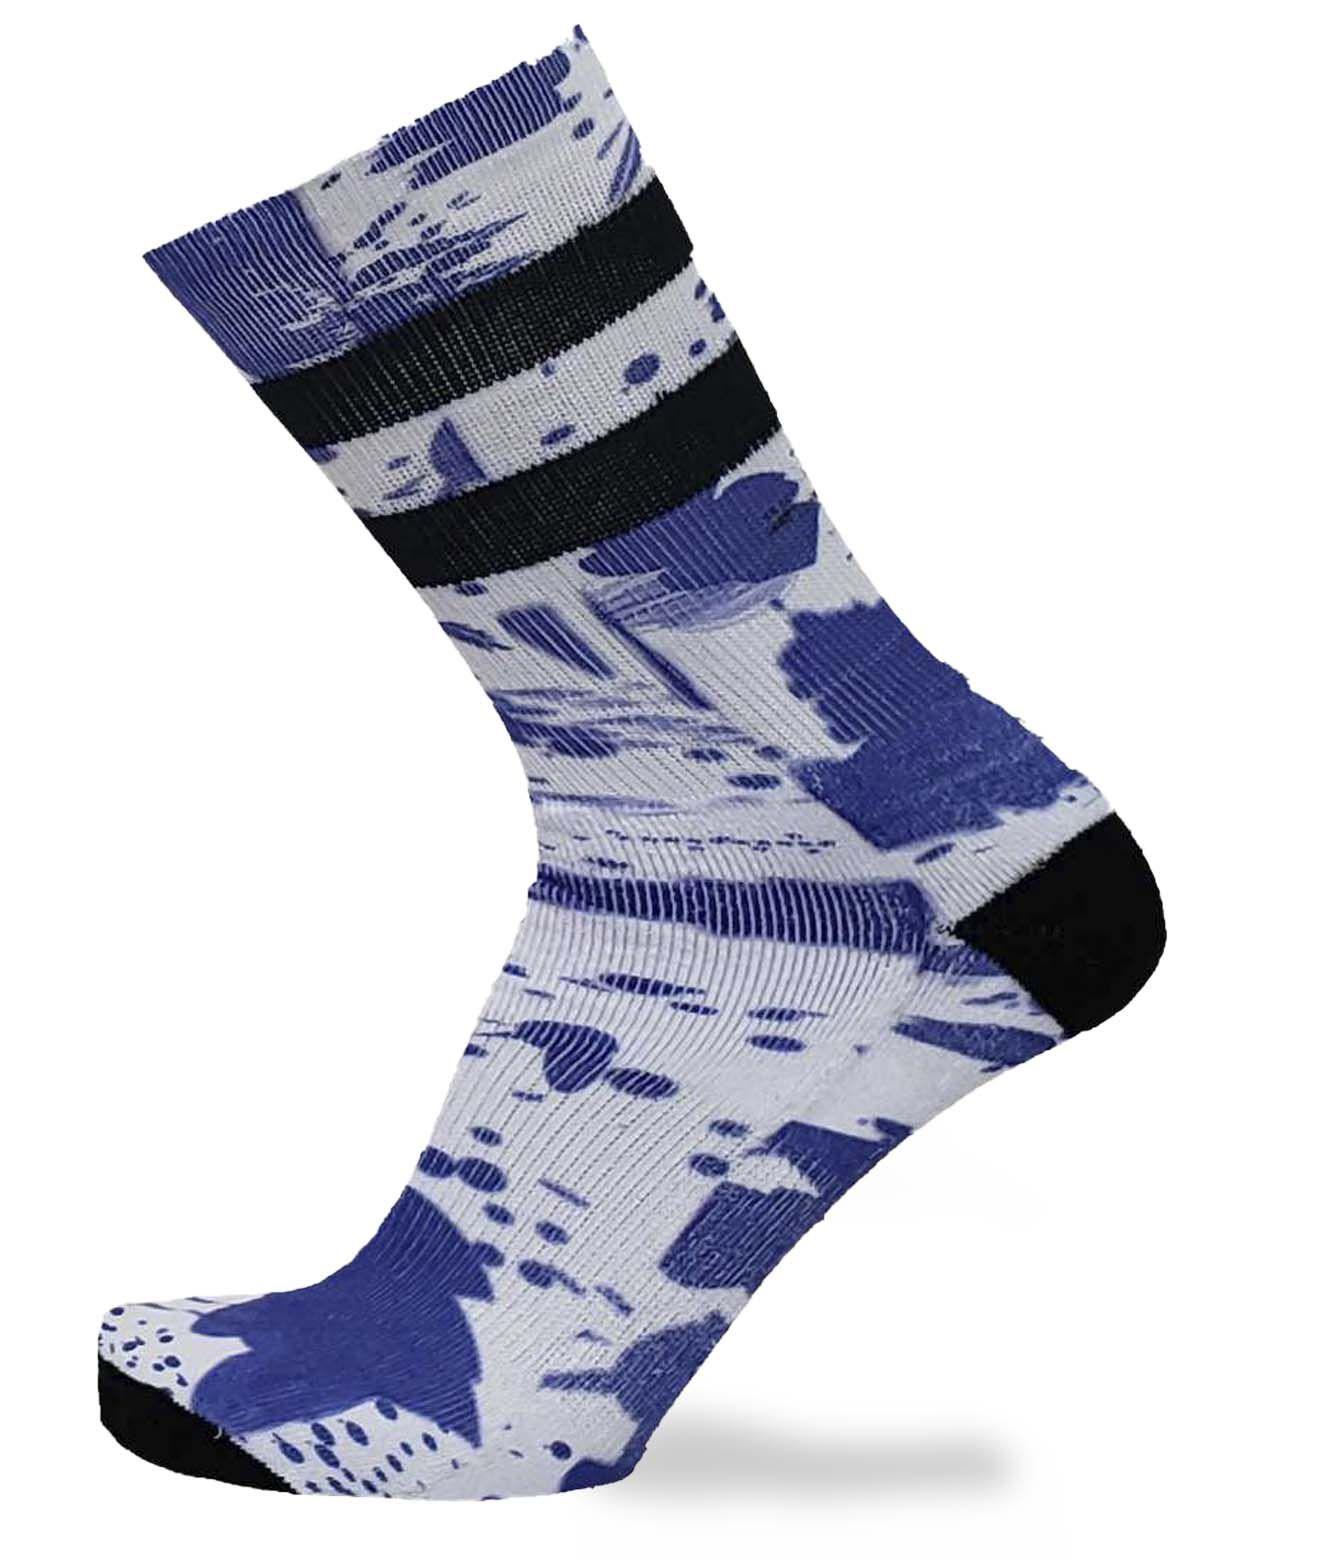 MEIA FOOTLOOK SPLASH BLUE 39/43